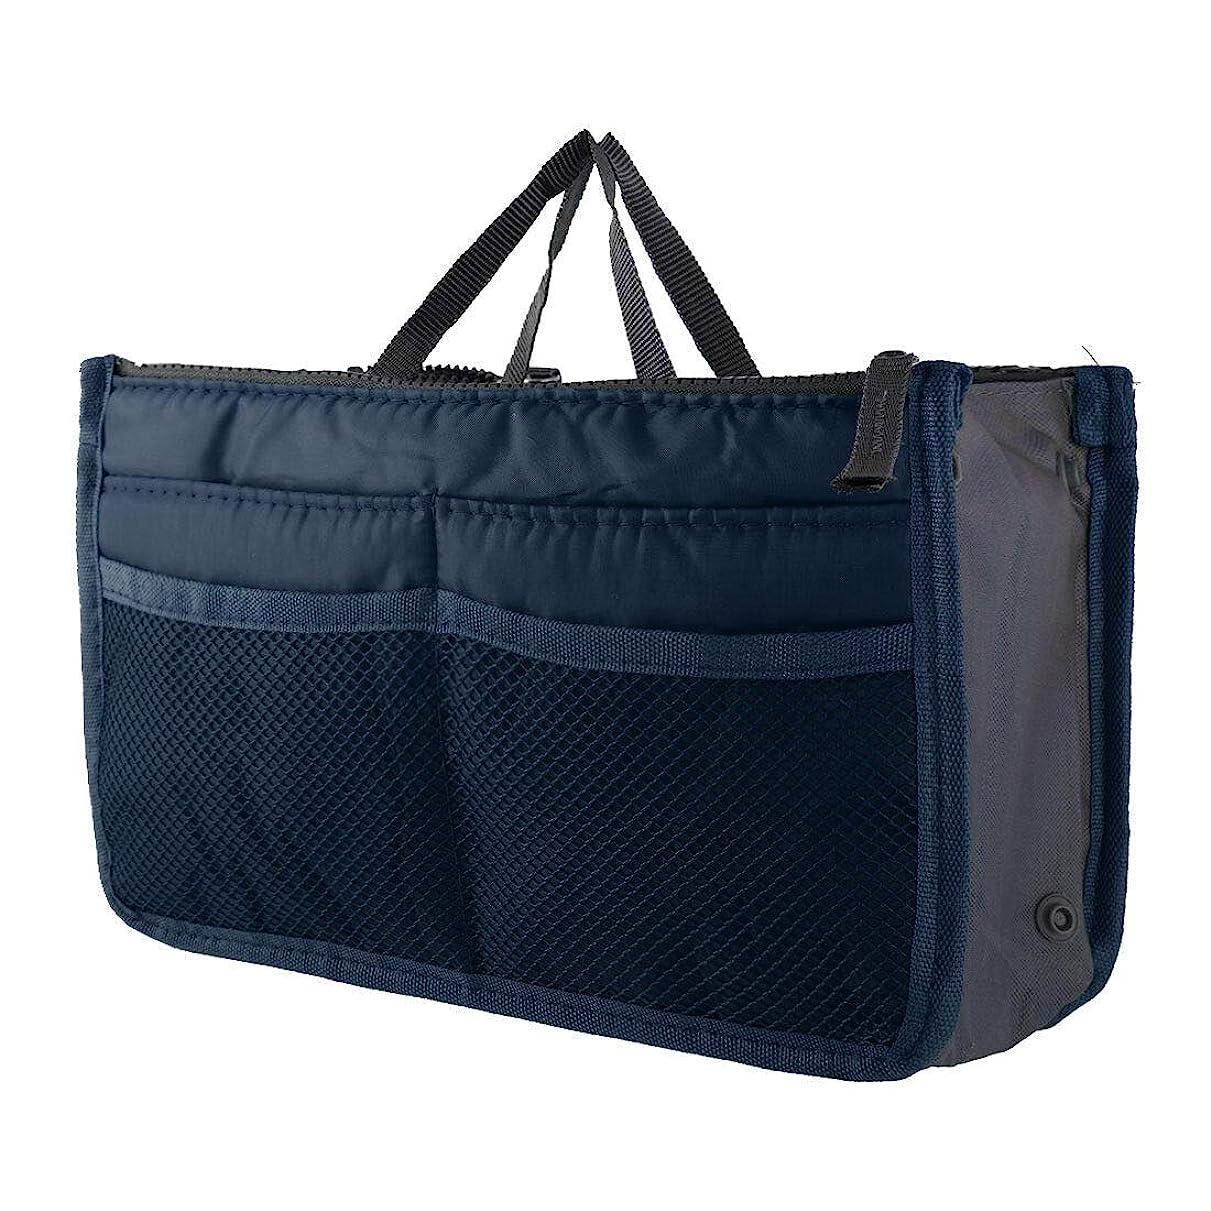 国勢調査小石意図的FidgetGear Large Womens Wash Bag Toiletry Cosmetic Travel Make Up Handle Folding Organizer Navy Blue